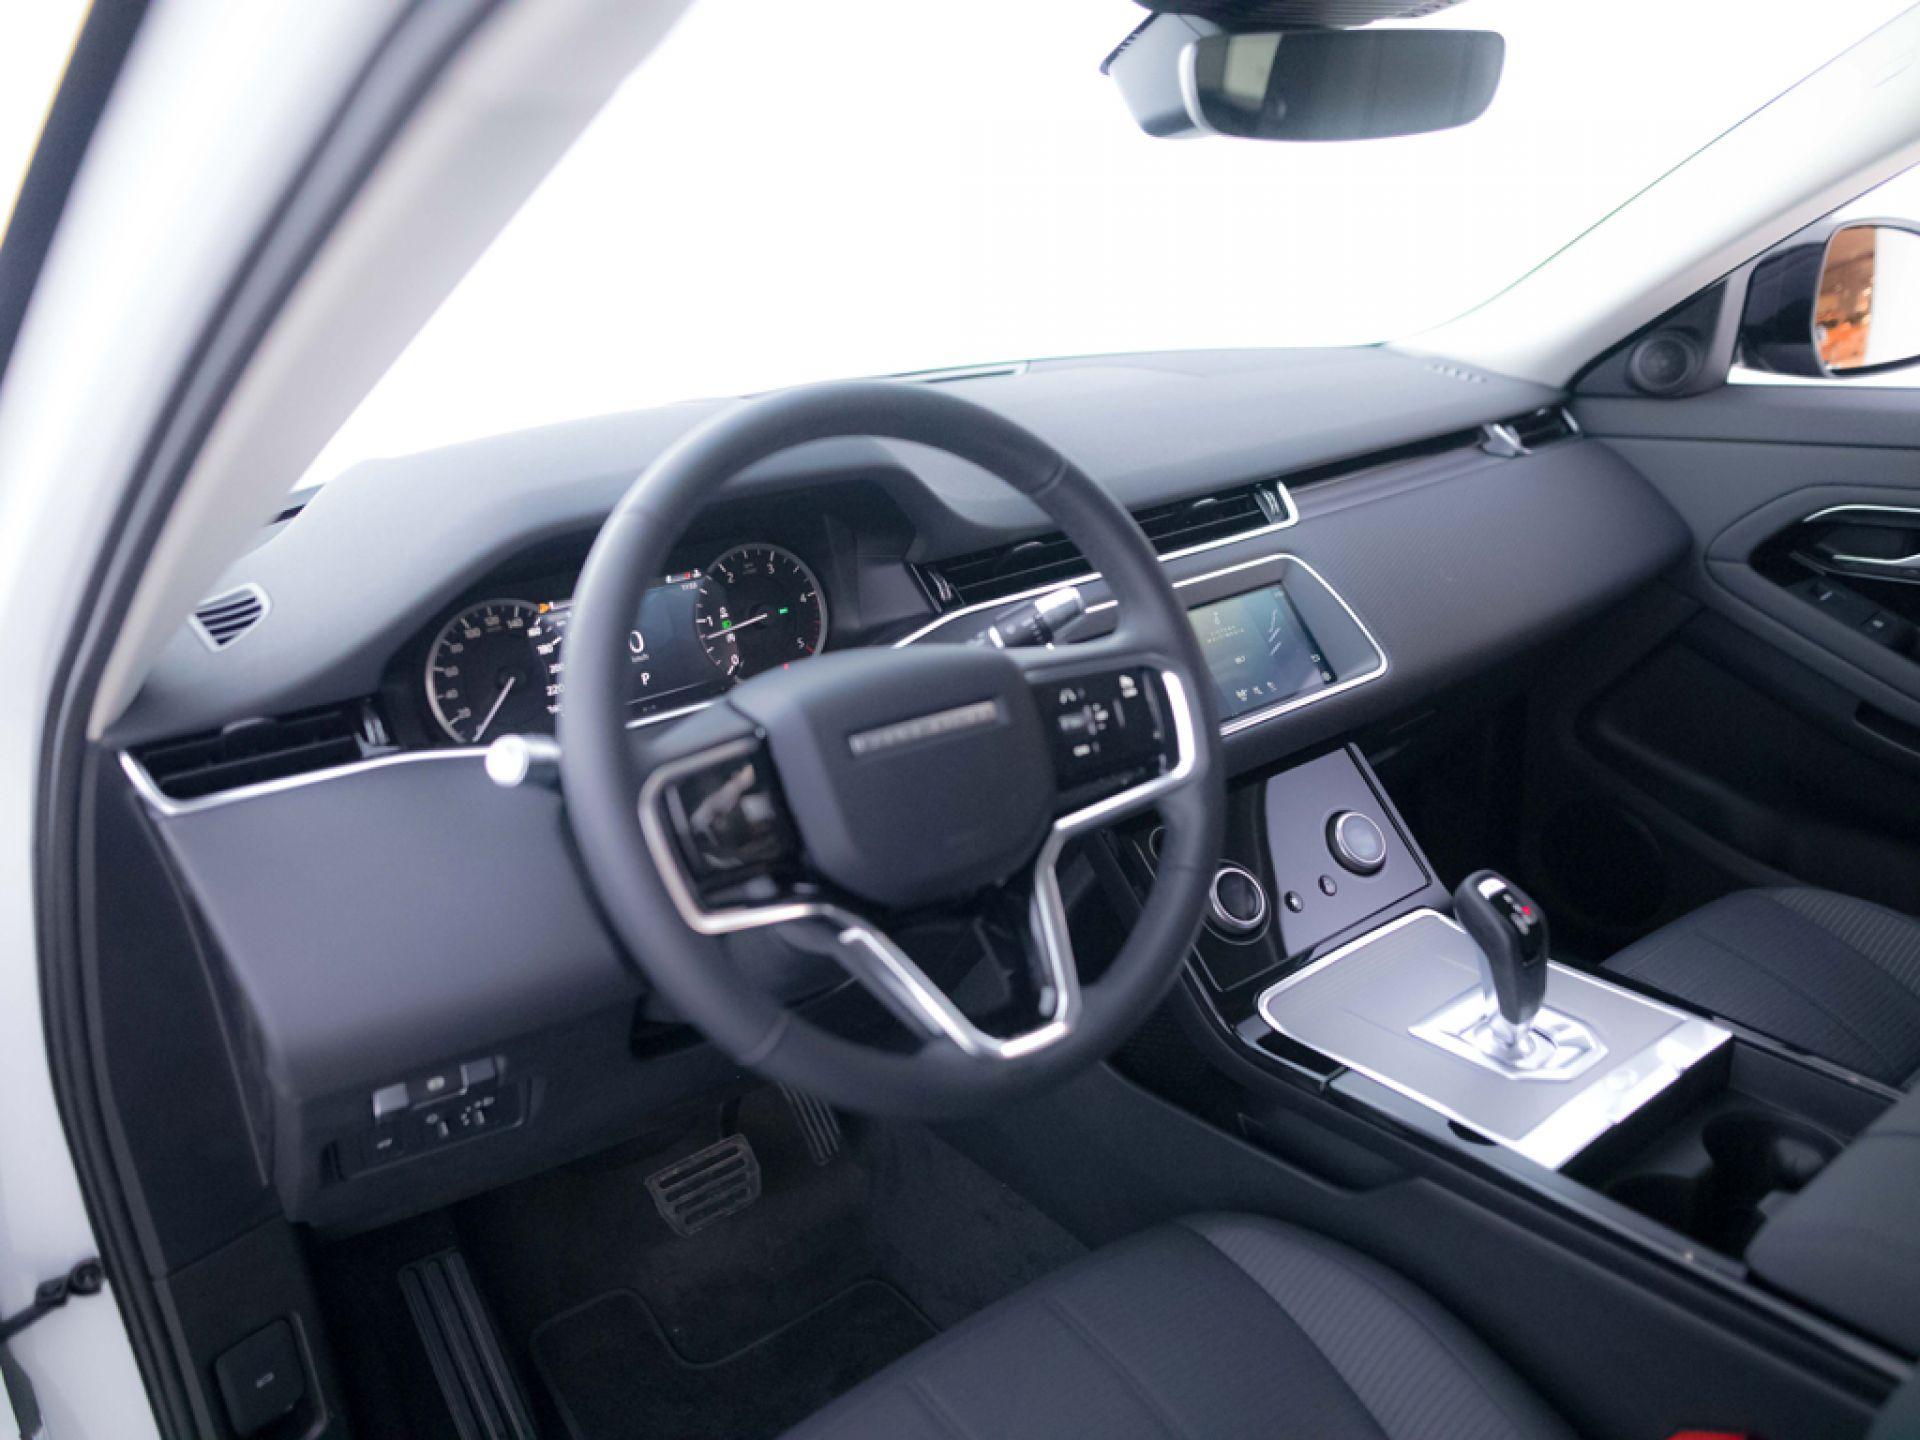 Land Rover Range Rover Evoque 2.0 D163 AUTO 4WD MHEV